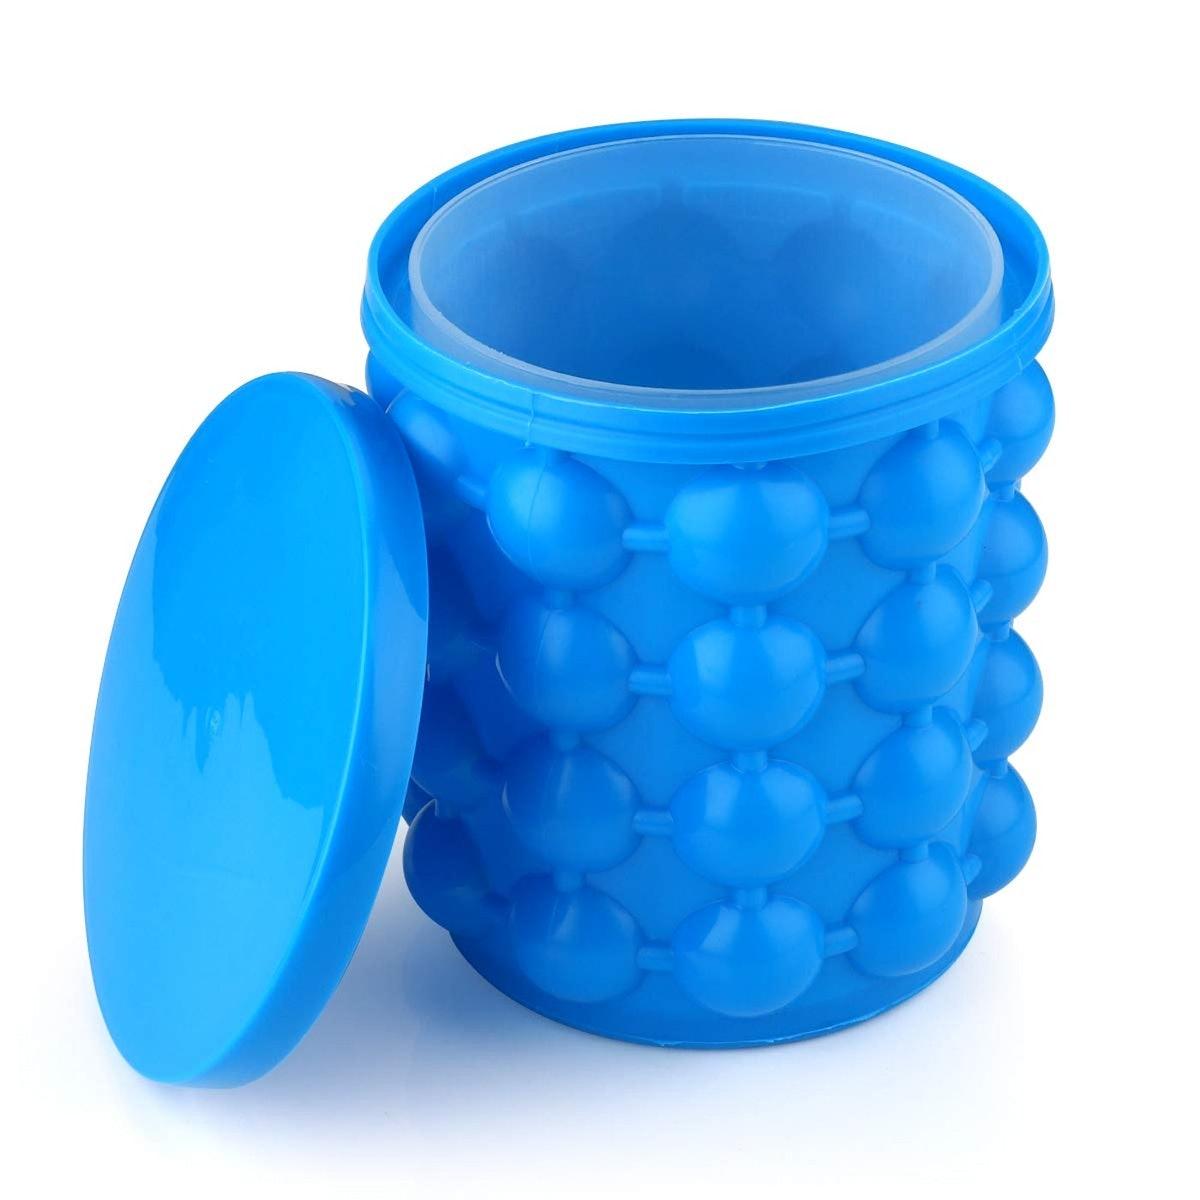 Besmon Silicone Ice Bucket & Ice Mold